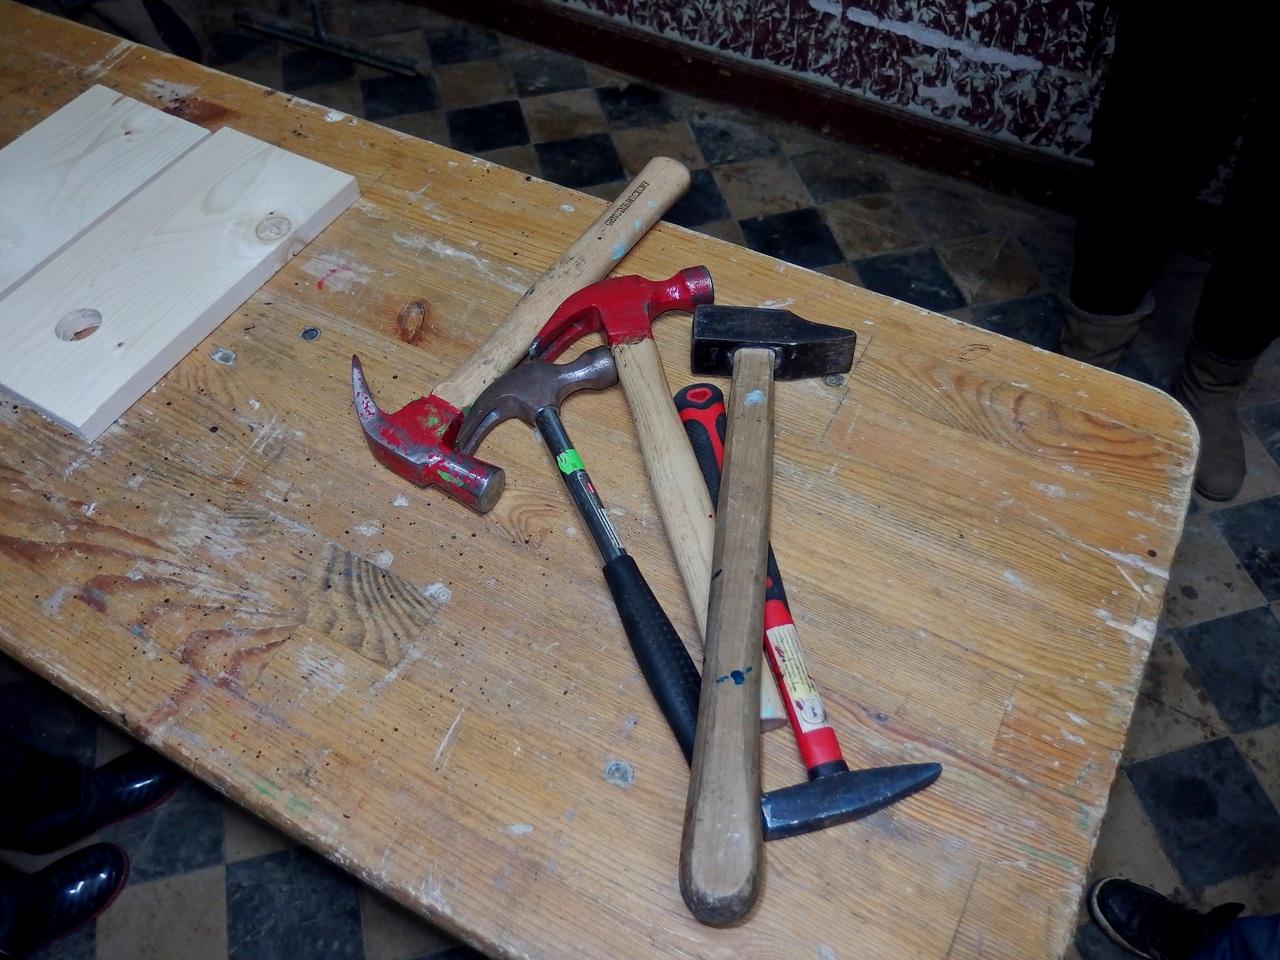 Leçon d'arithmérique improvisée...5 marteaux +....